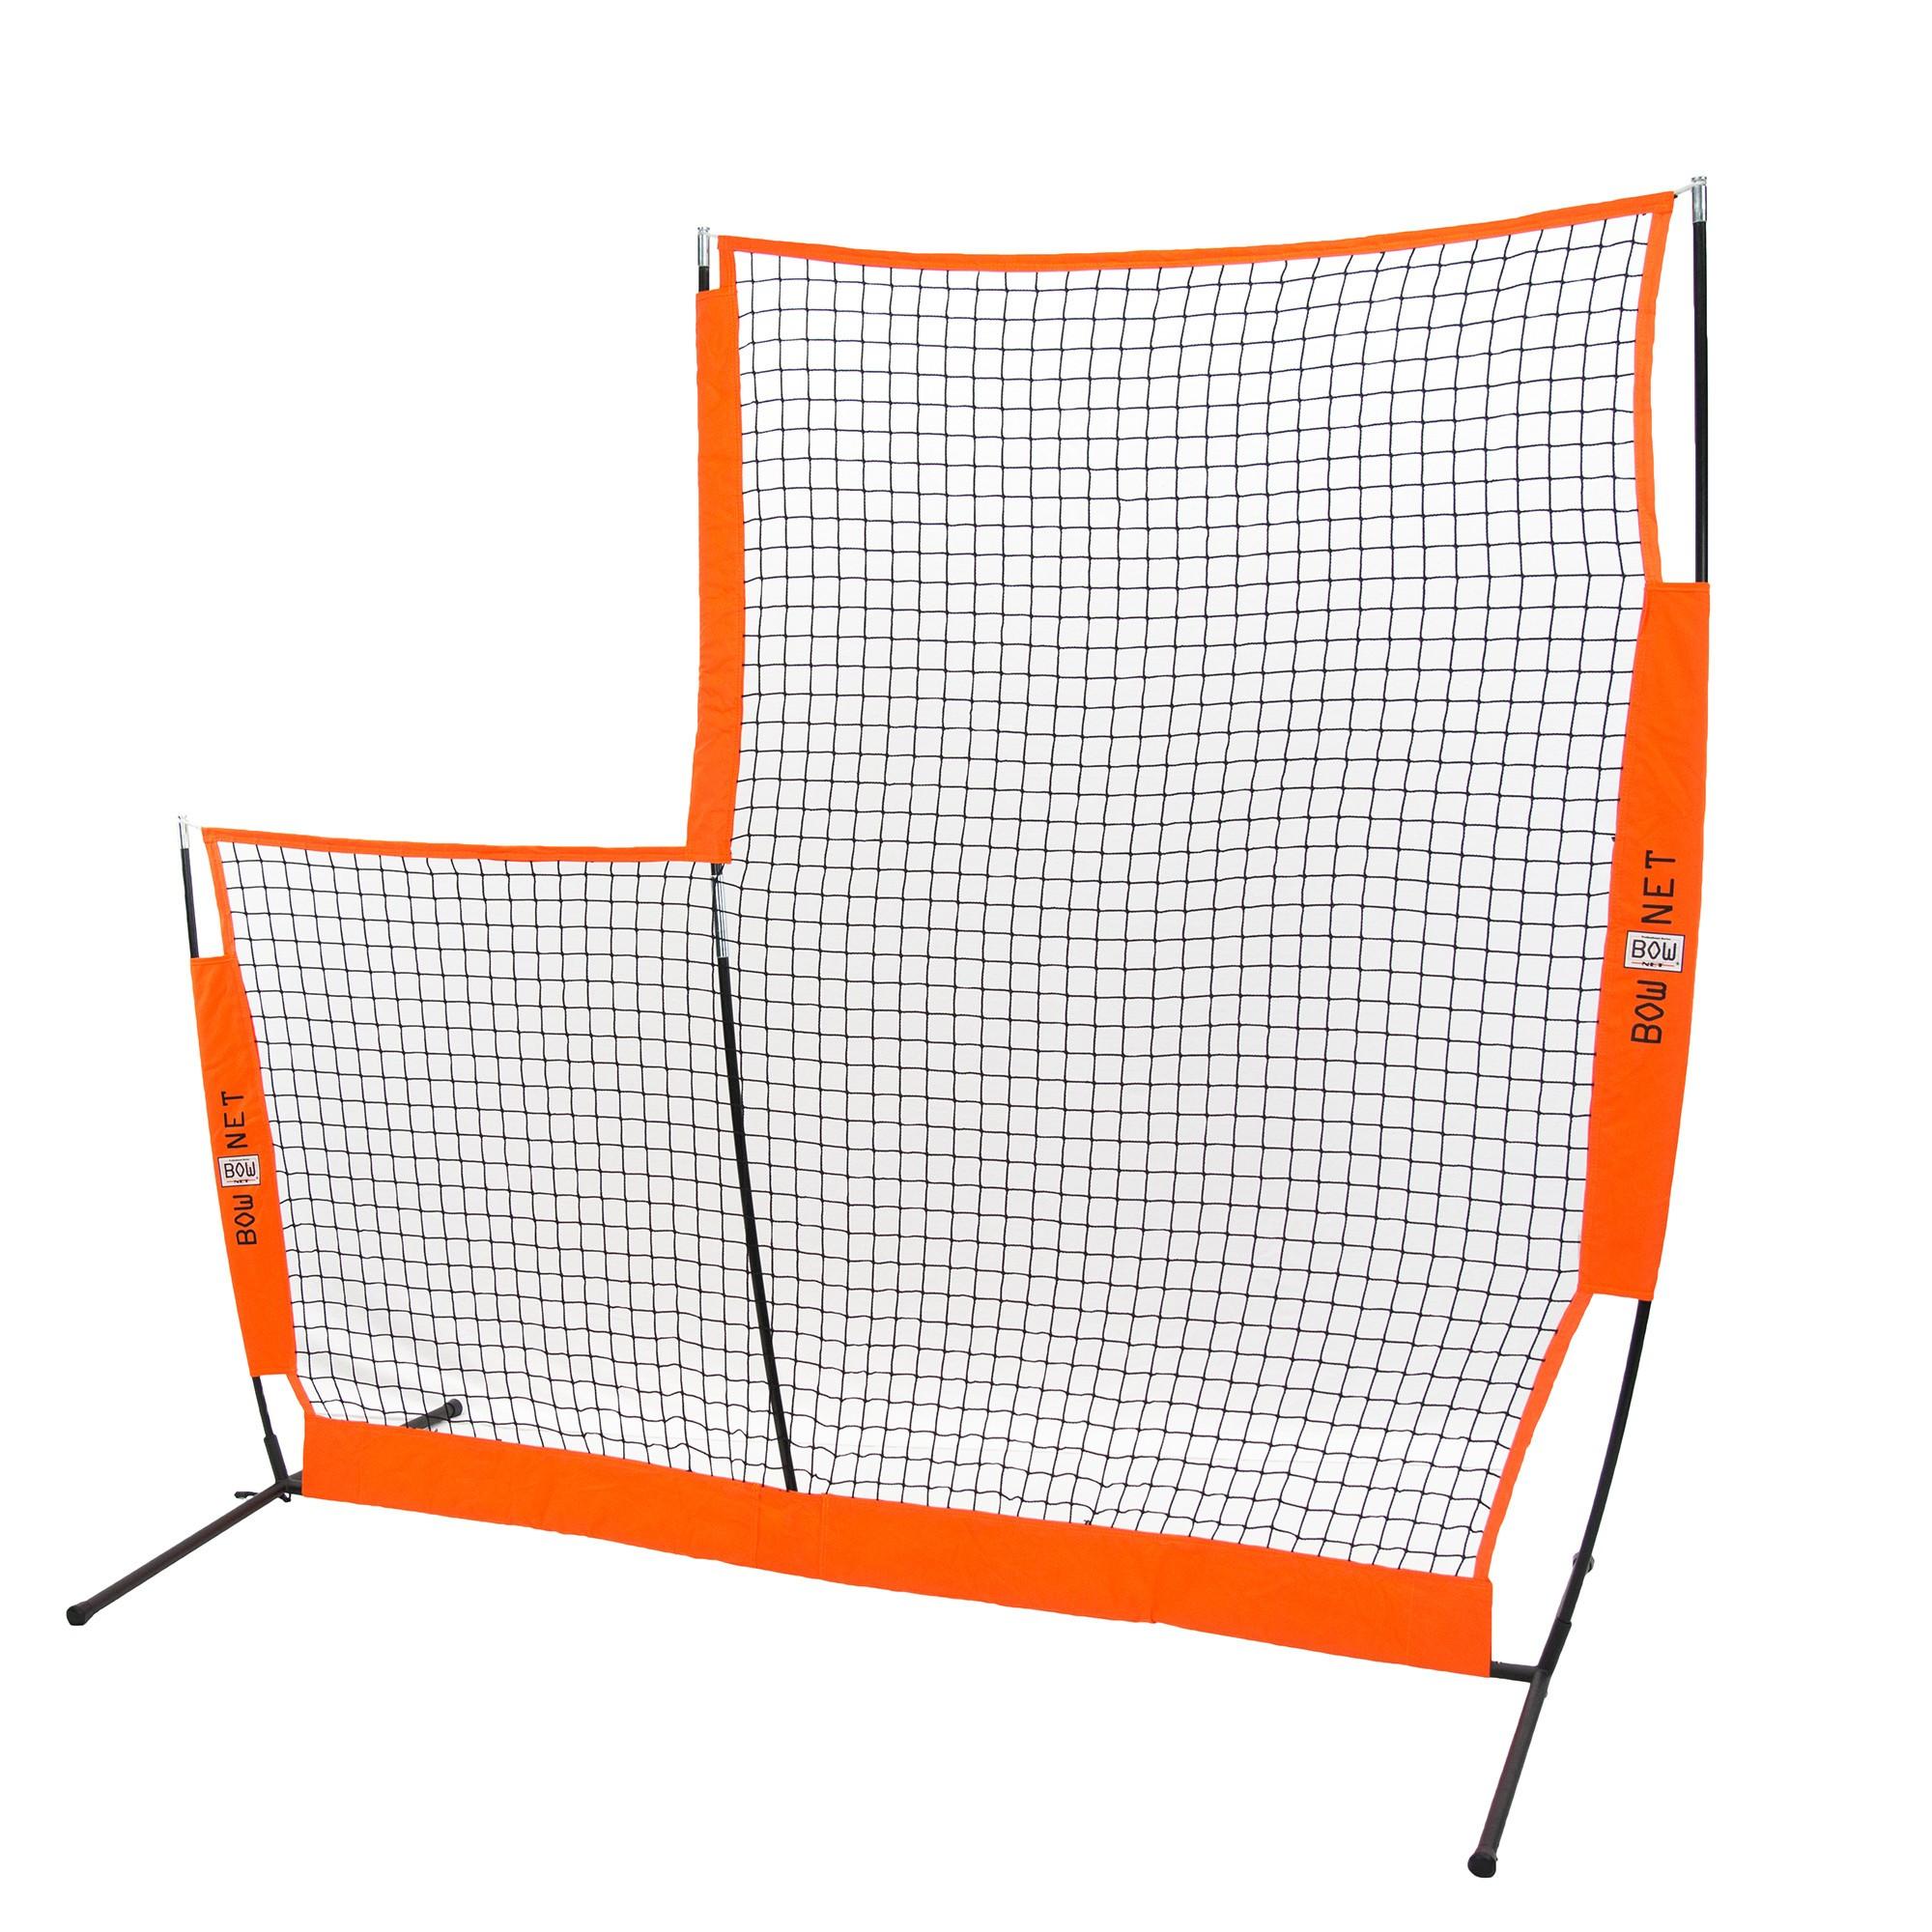 Bownet 8' x 7' L-Screen Pro Net